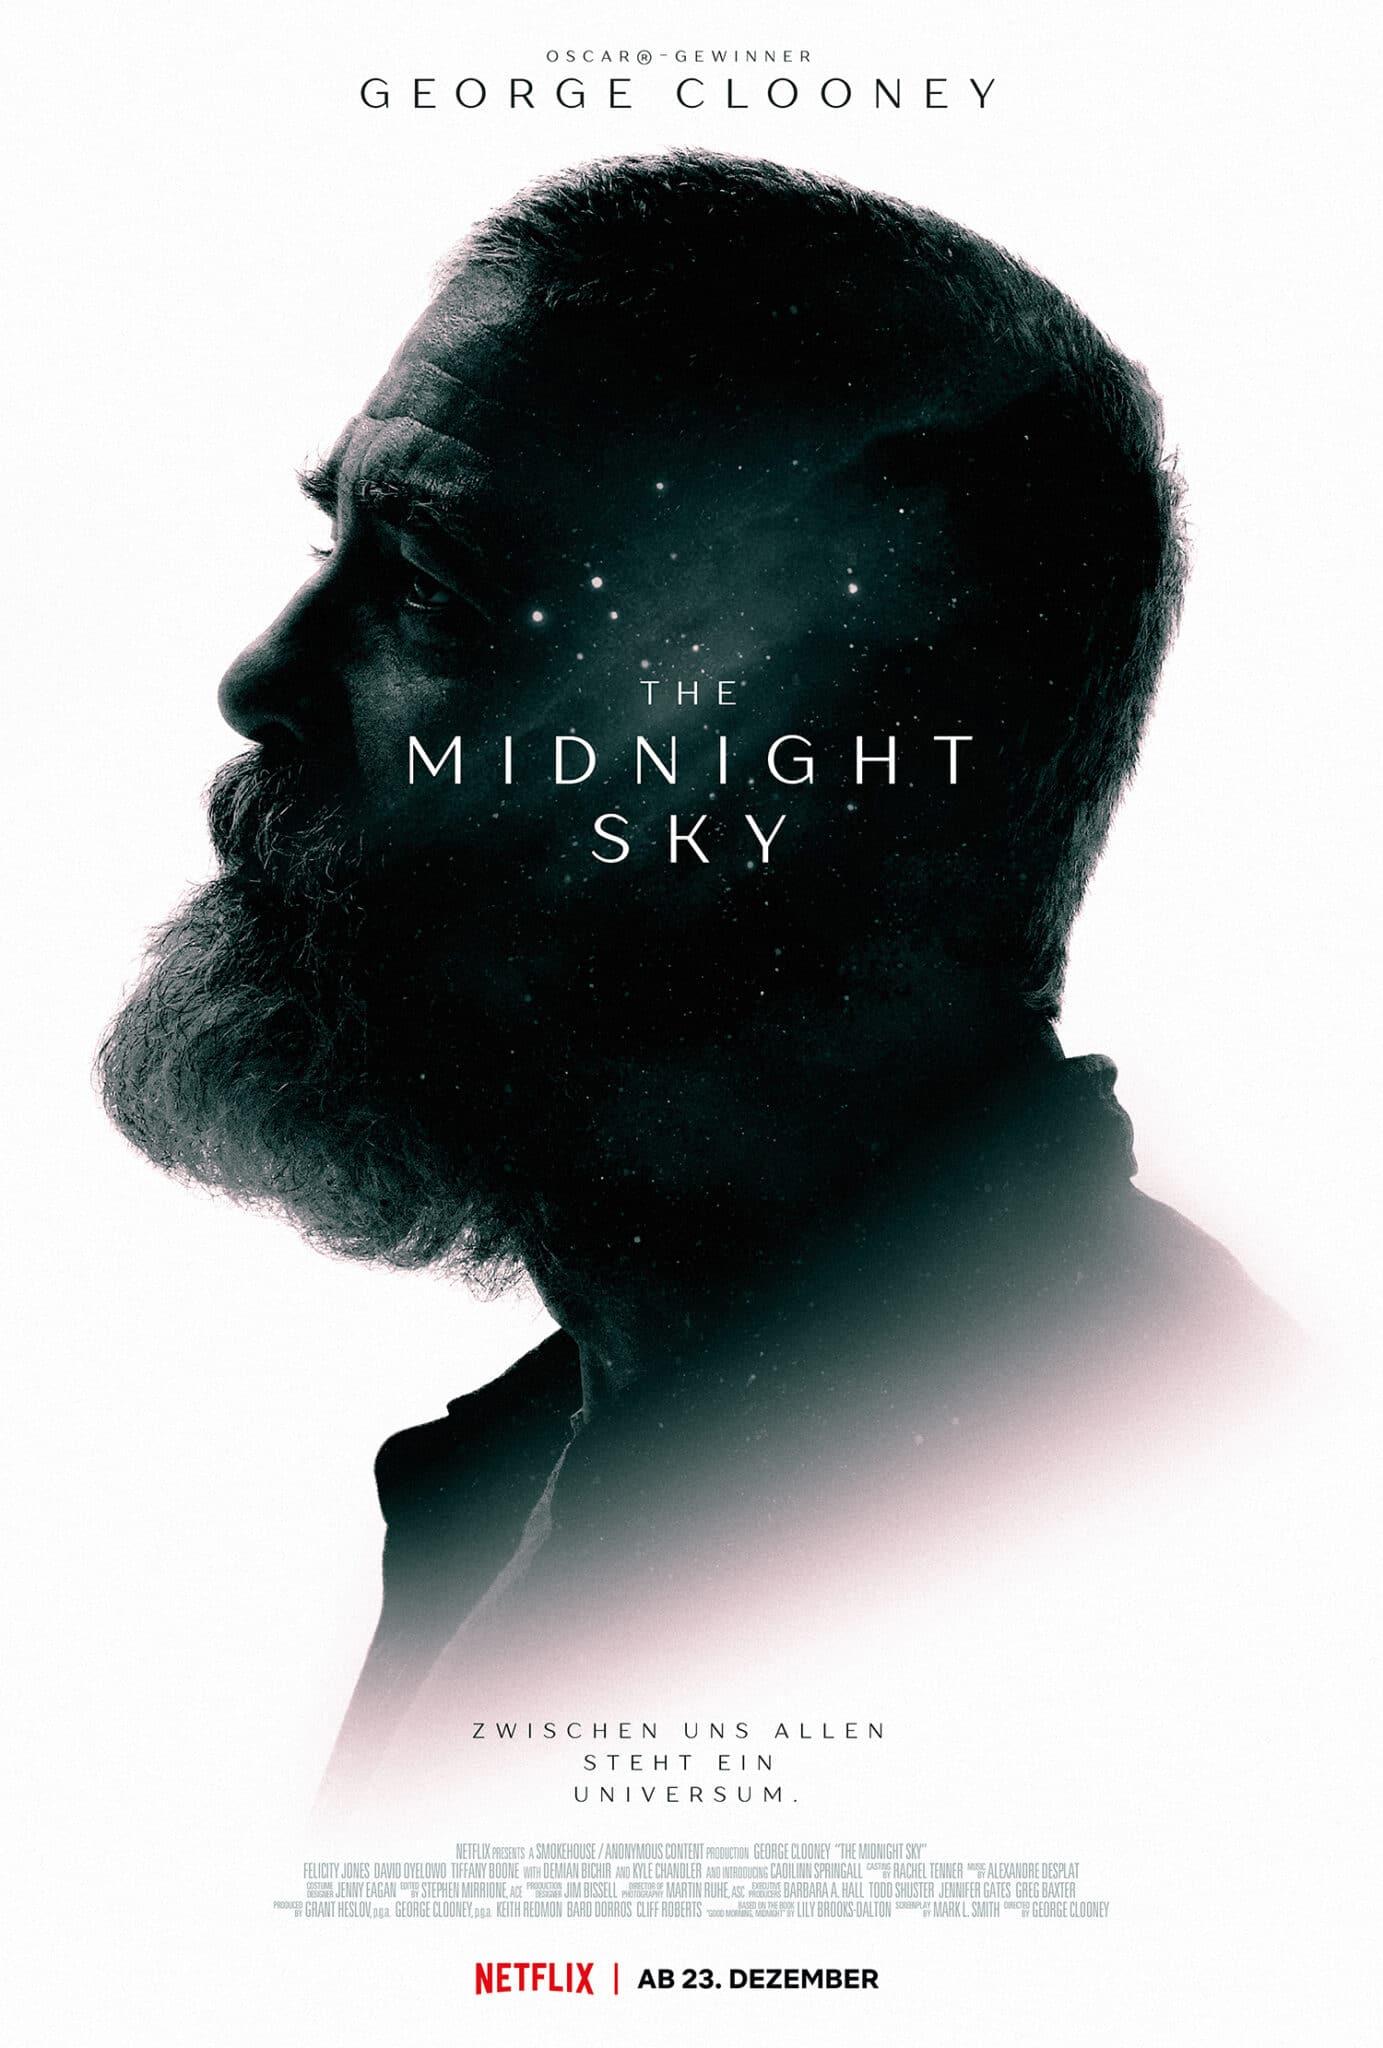 """Das Titelplakat zeigt die Silhouette von George Clooney auf weißem Grund mit dem Titel in der Mitte und angedeutetem Sternenhimmel. Unten kann man """"zwischen uns allen steht ein Universum"""" lesen."""